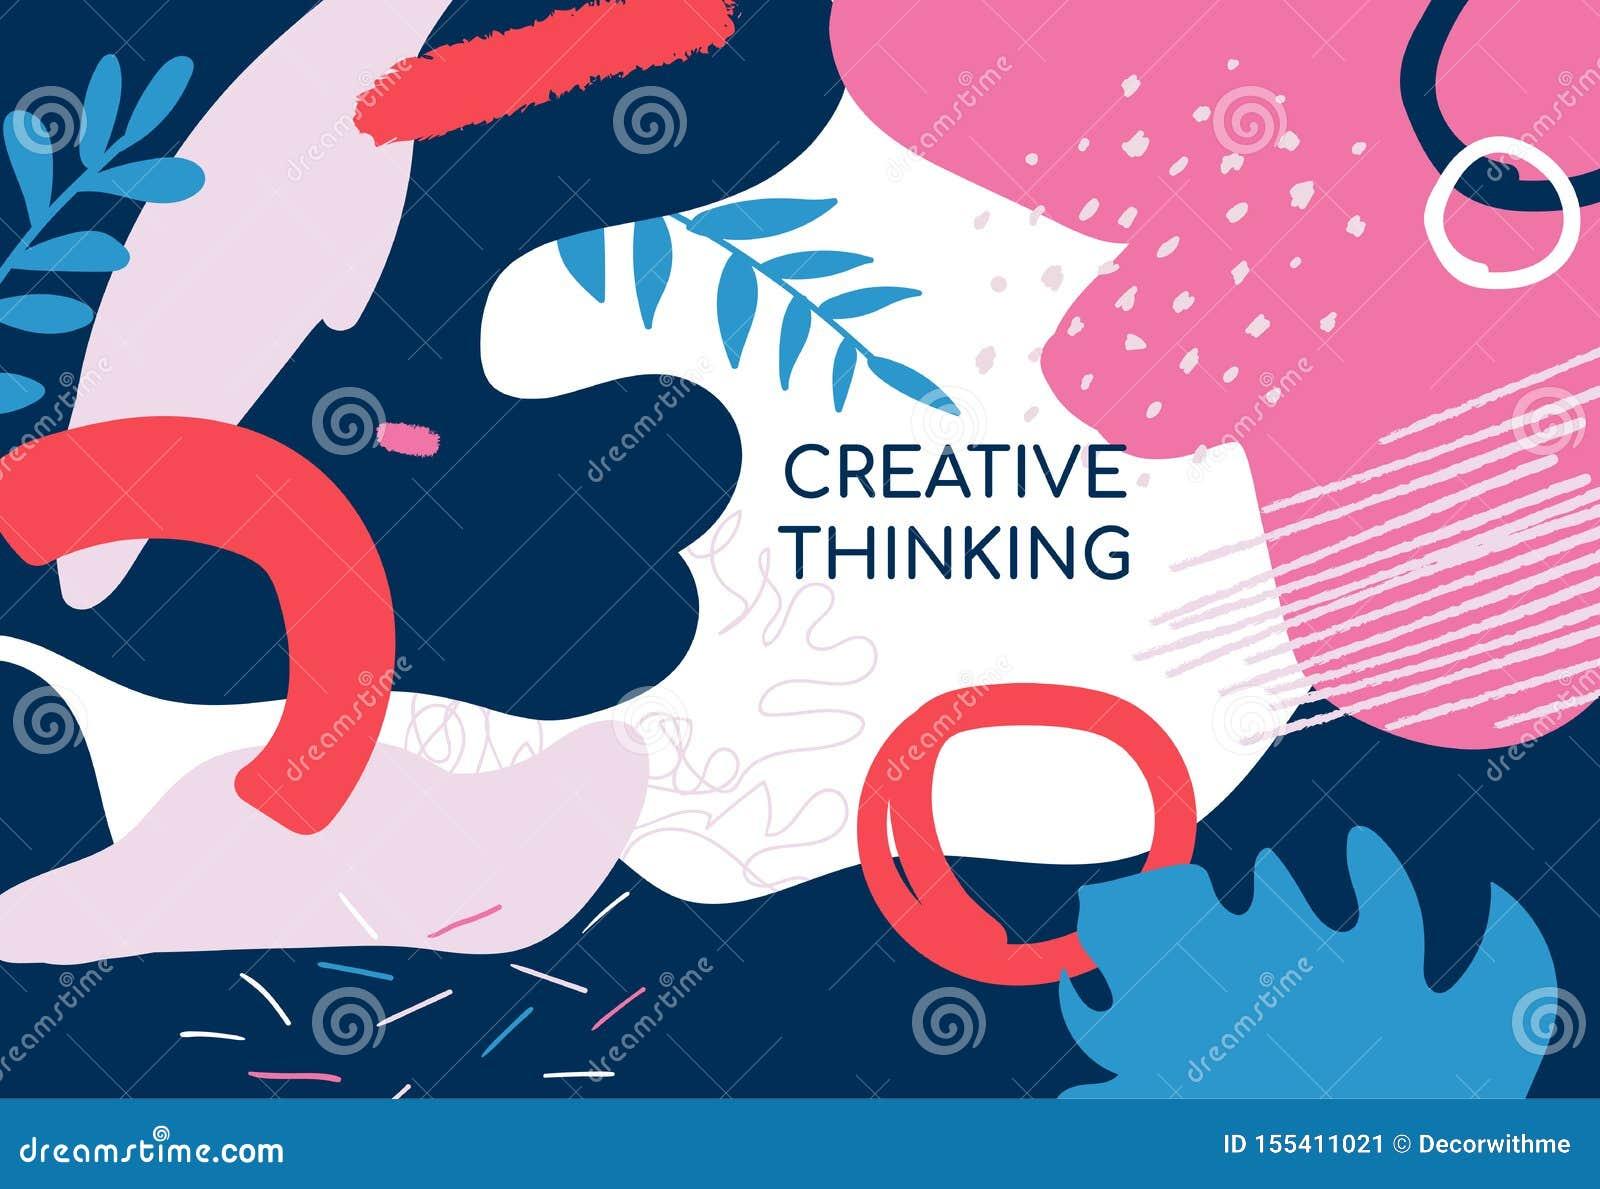 Cartaz do pensamento criativo - bandeira minimalistic do vetor moderno